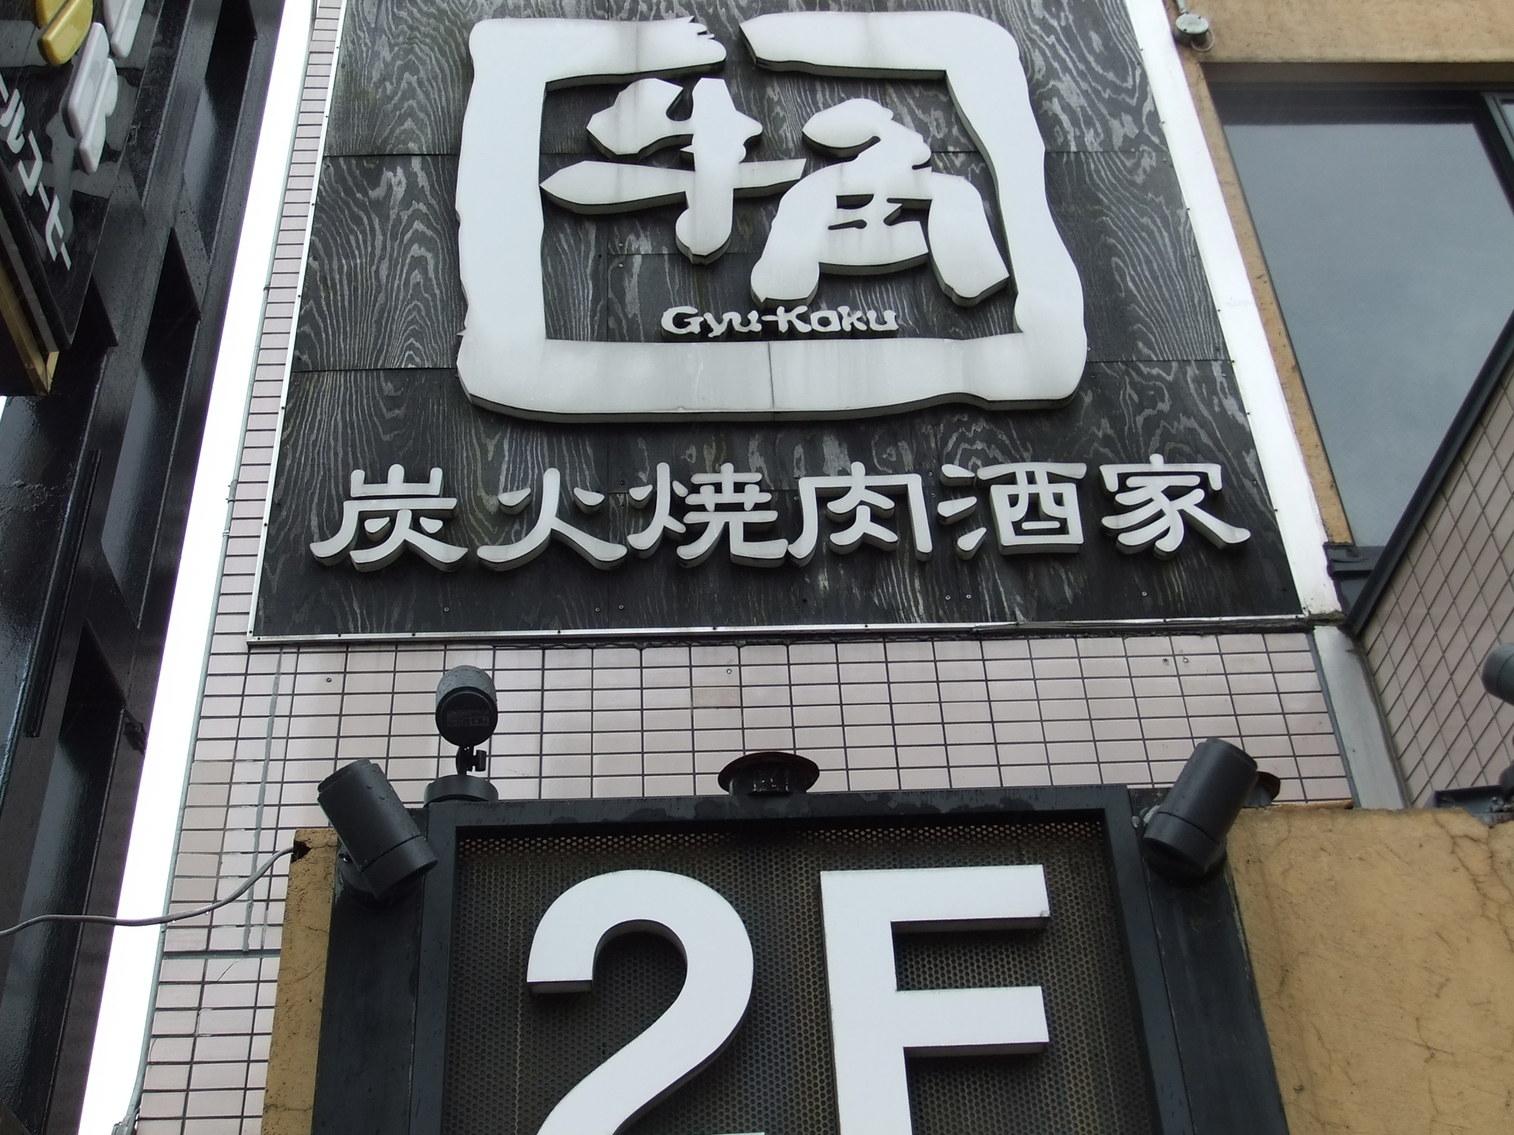 牛角 花小金井店